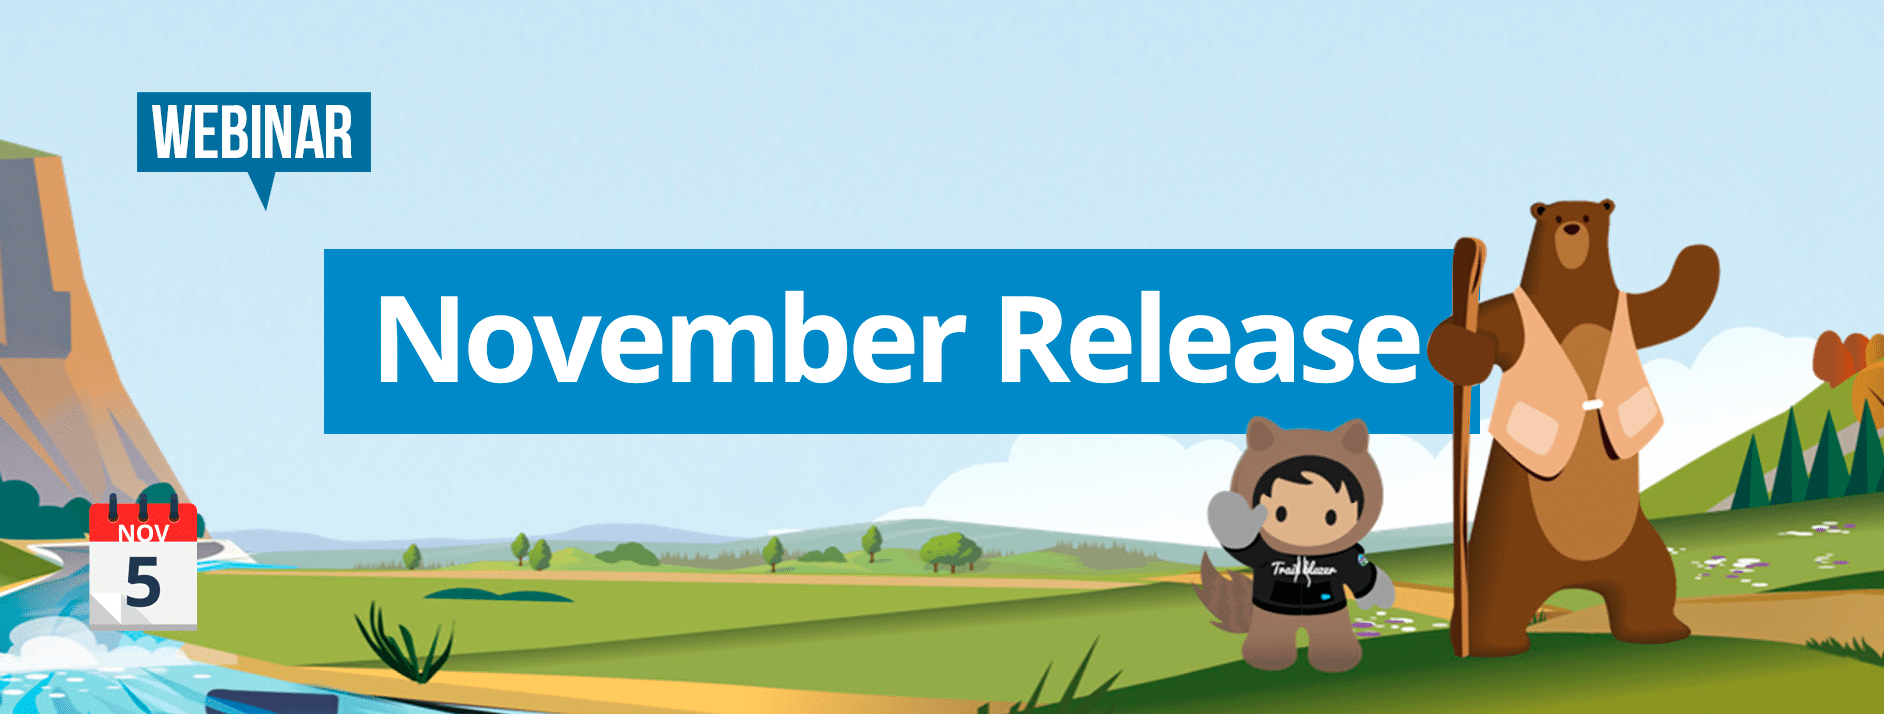 Webinar November Release Netive VMS